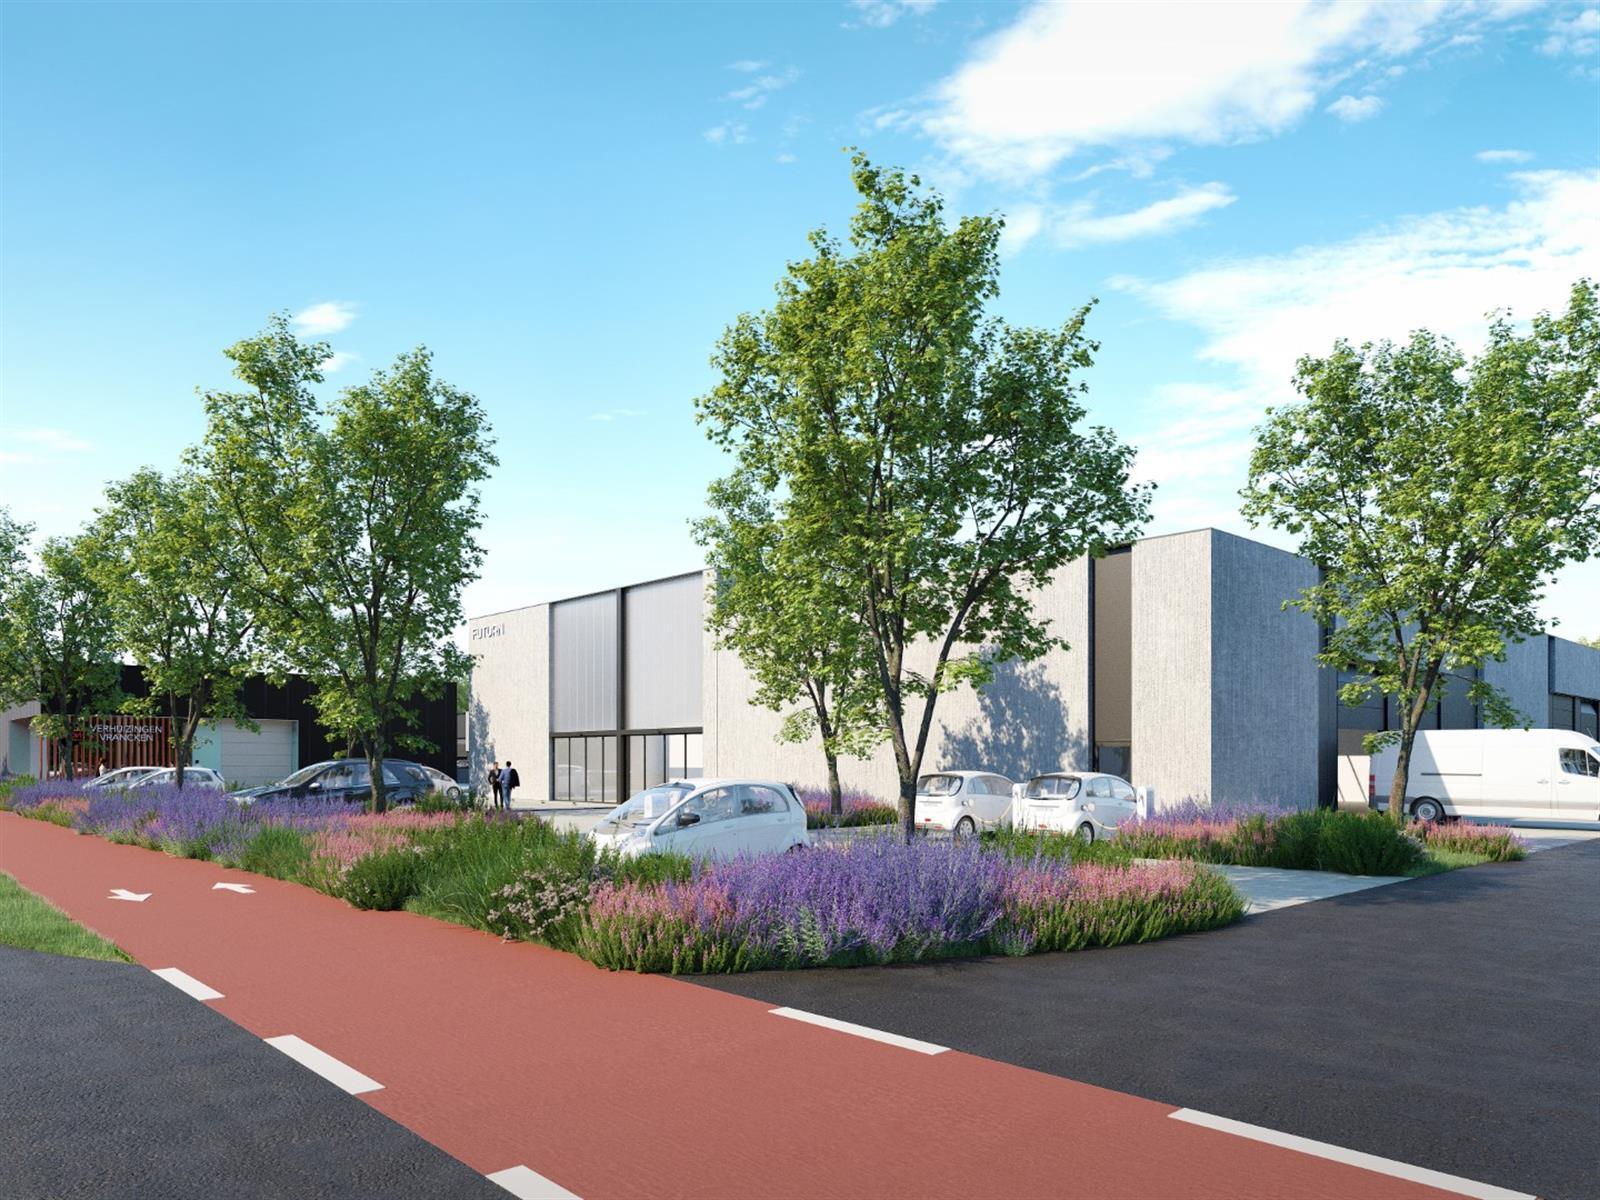 KMO-unit te koop Heros Businesspark KMO Unit 7 - Herkenrodesingel 10, 3500 Hasselt, België 6